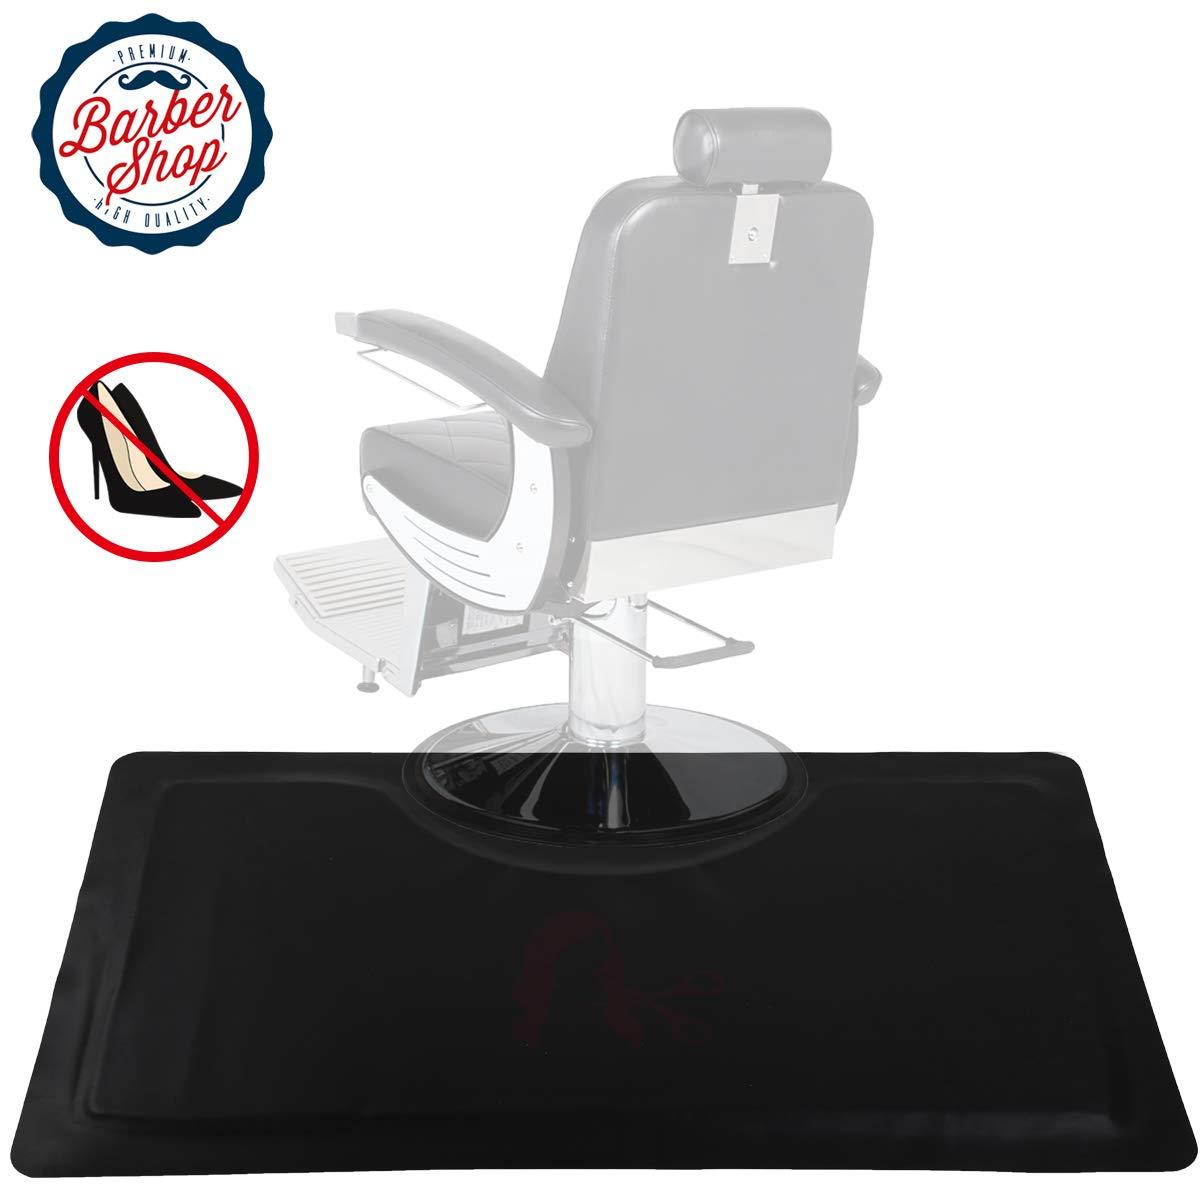 Anti Fatigue Mat Salon Mats for Hair Stylist 3 ft. x 5 ft.Barber Shop Beauty Comfort Salon Chair Mat Floor 5/8 in. Thick